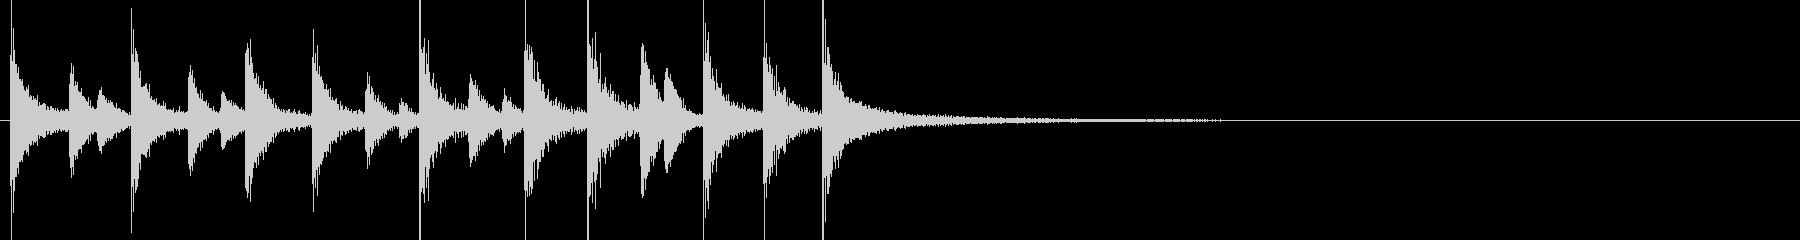 ドラム/ティンバレス フィルイン 7の未再生の波形